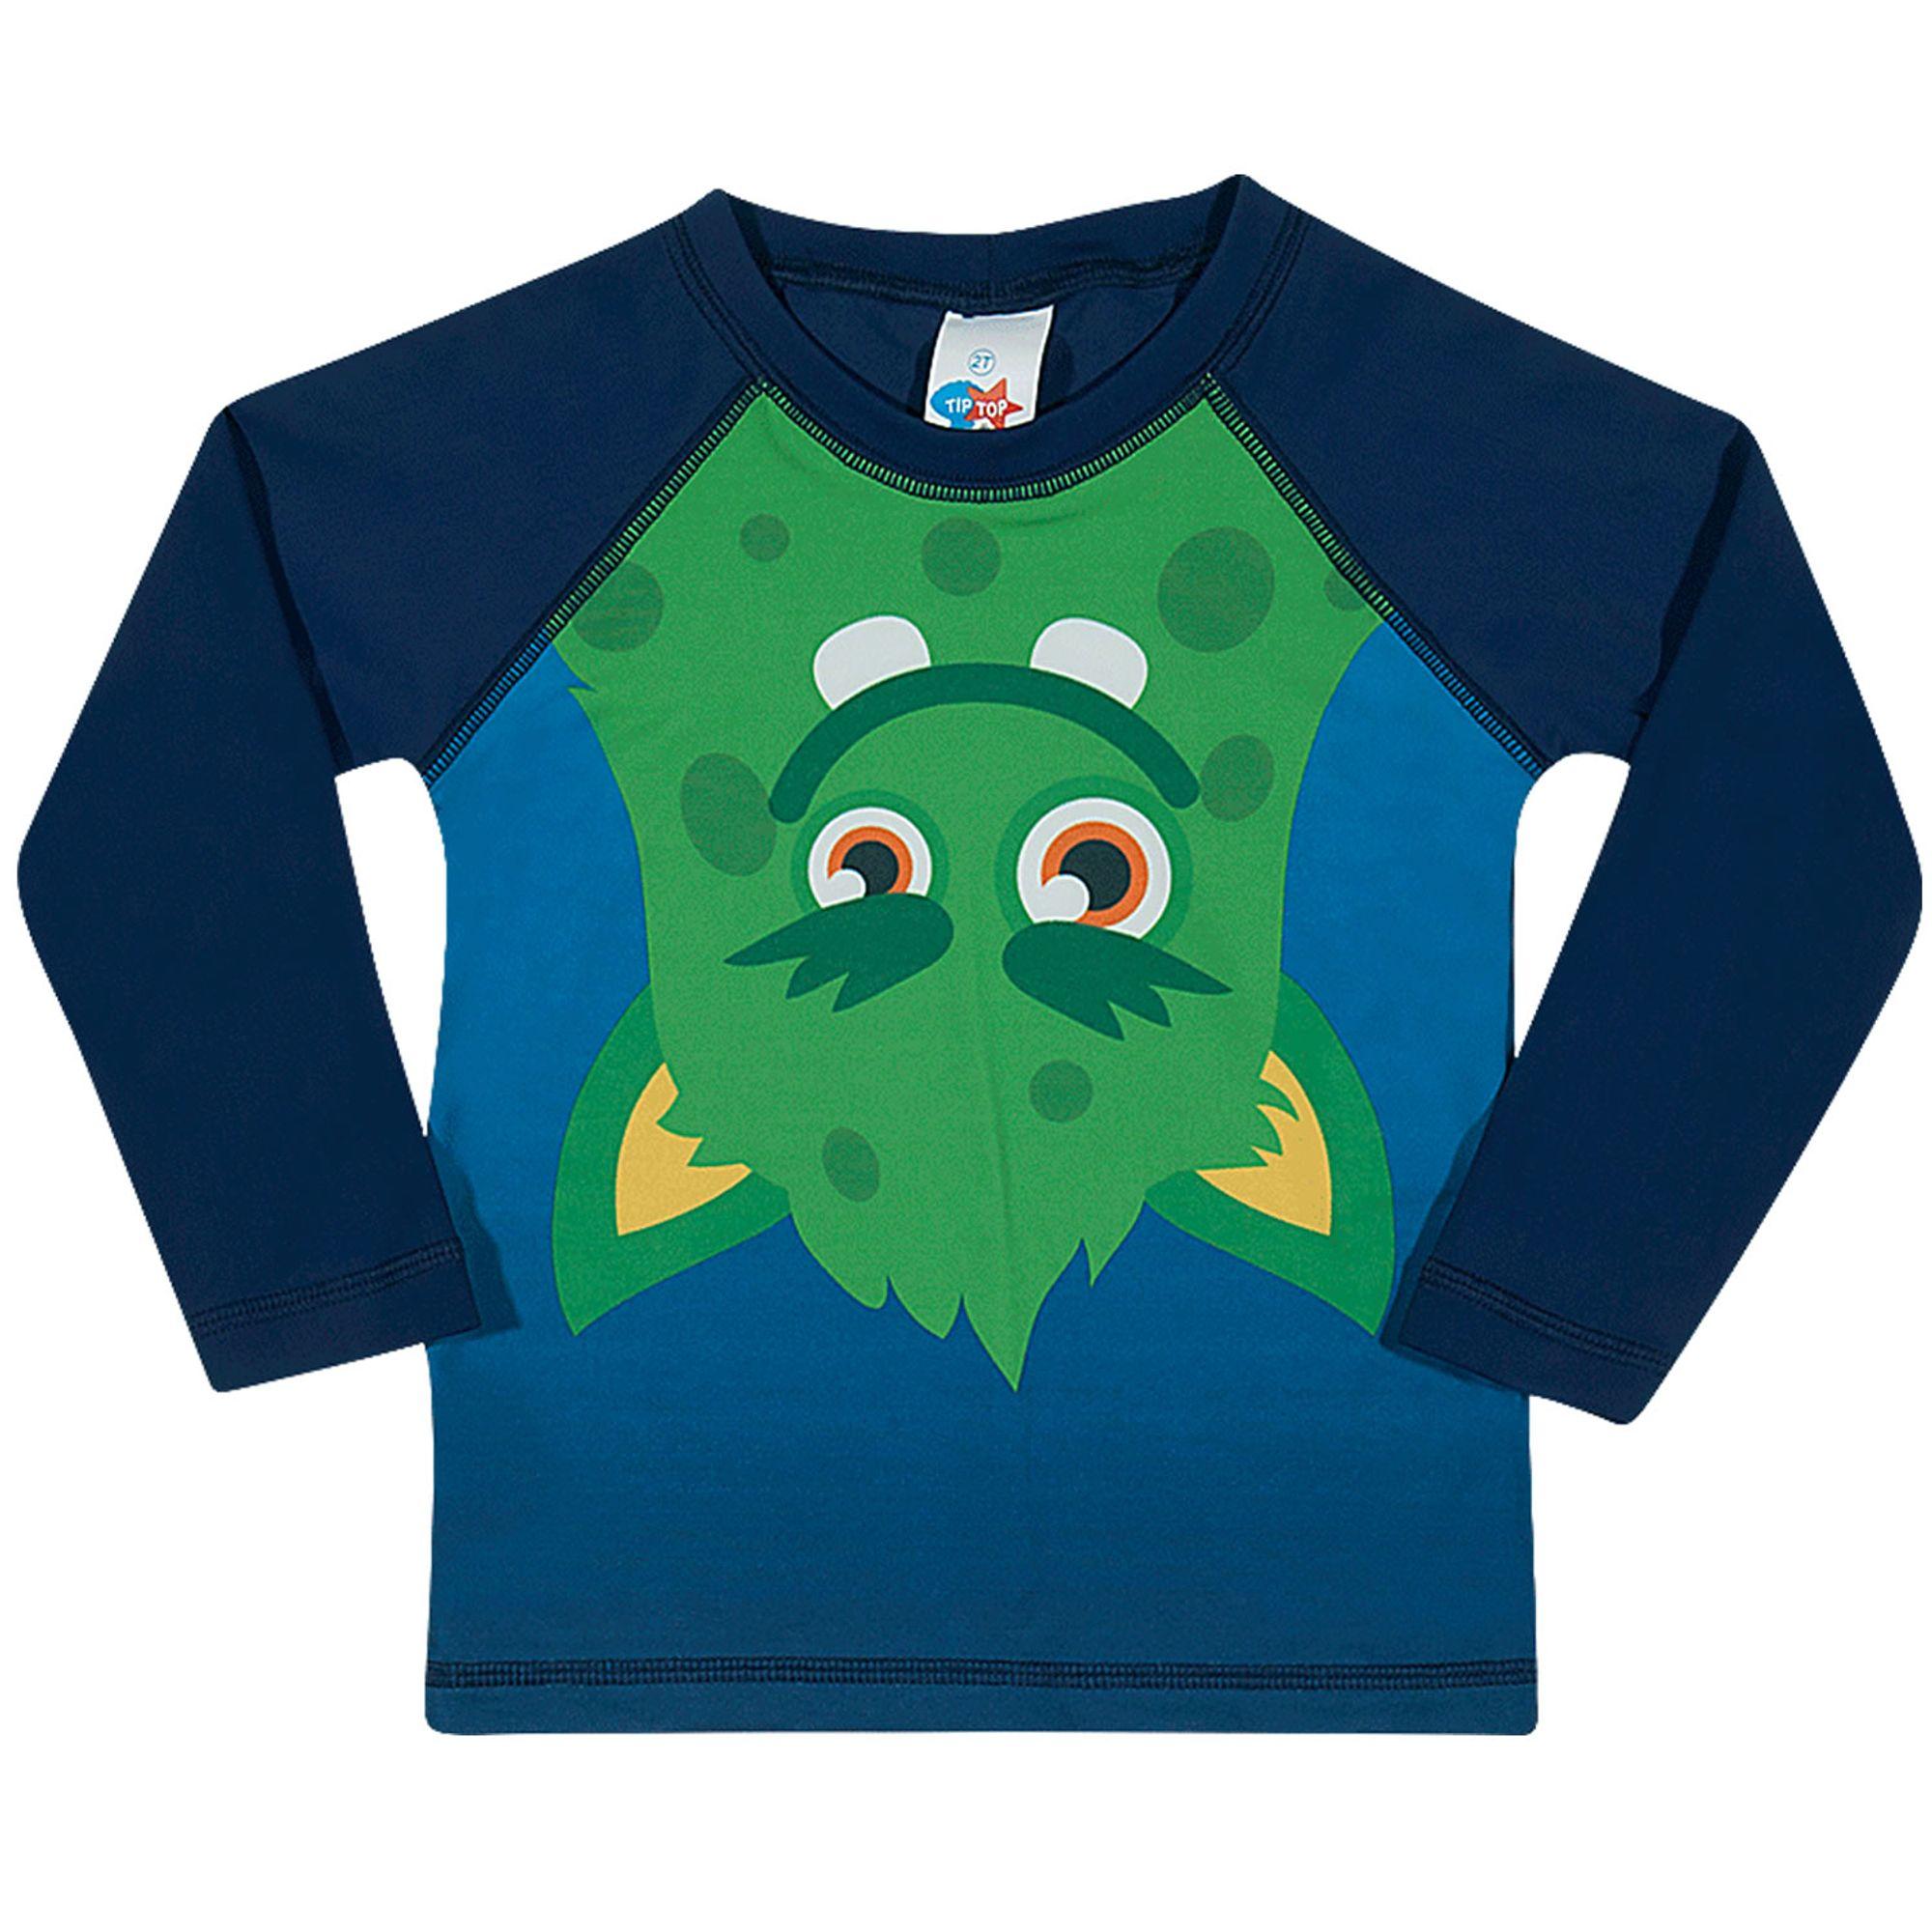 Camiseta Infantil Proteção Solar Manga Longa Azul Monstro Verde Tip Top -  EcaMeleca 442ae6f51d1